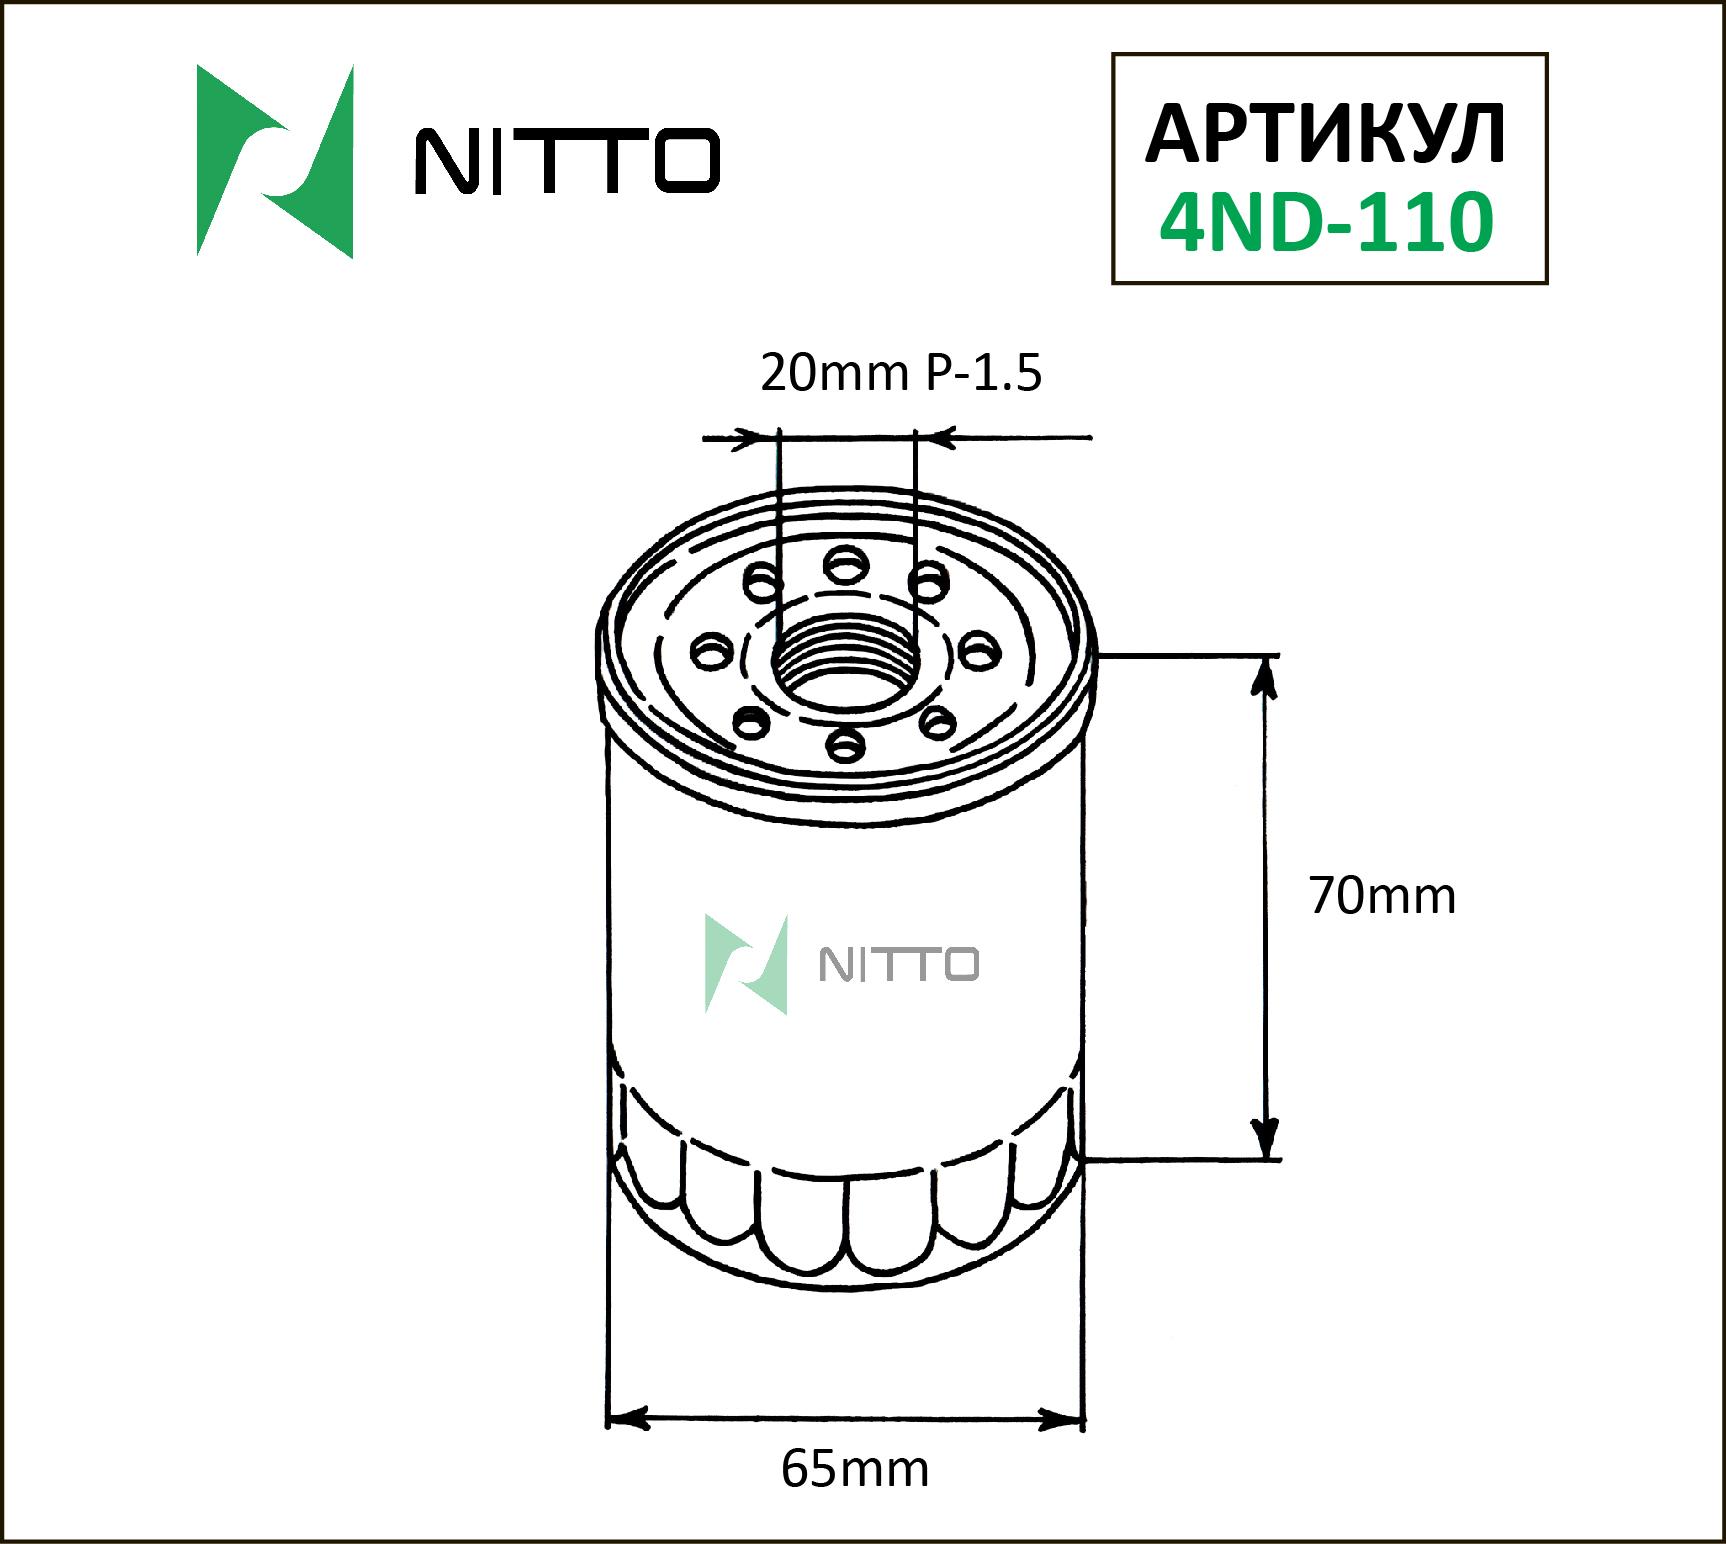 NITTO 4ND110 | Фильтр масляный Nitto | Купить в интернет-магазине Макс-Плюс: Автозапчасти в наличии и под заказ